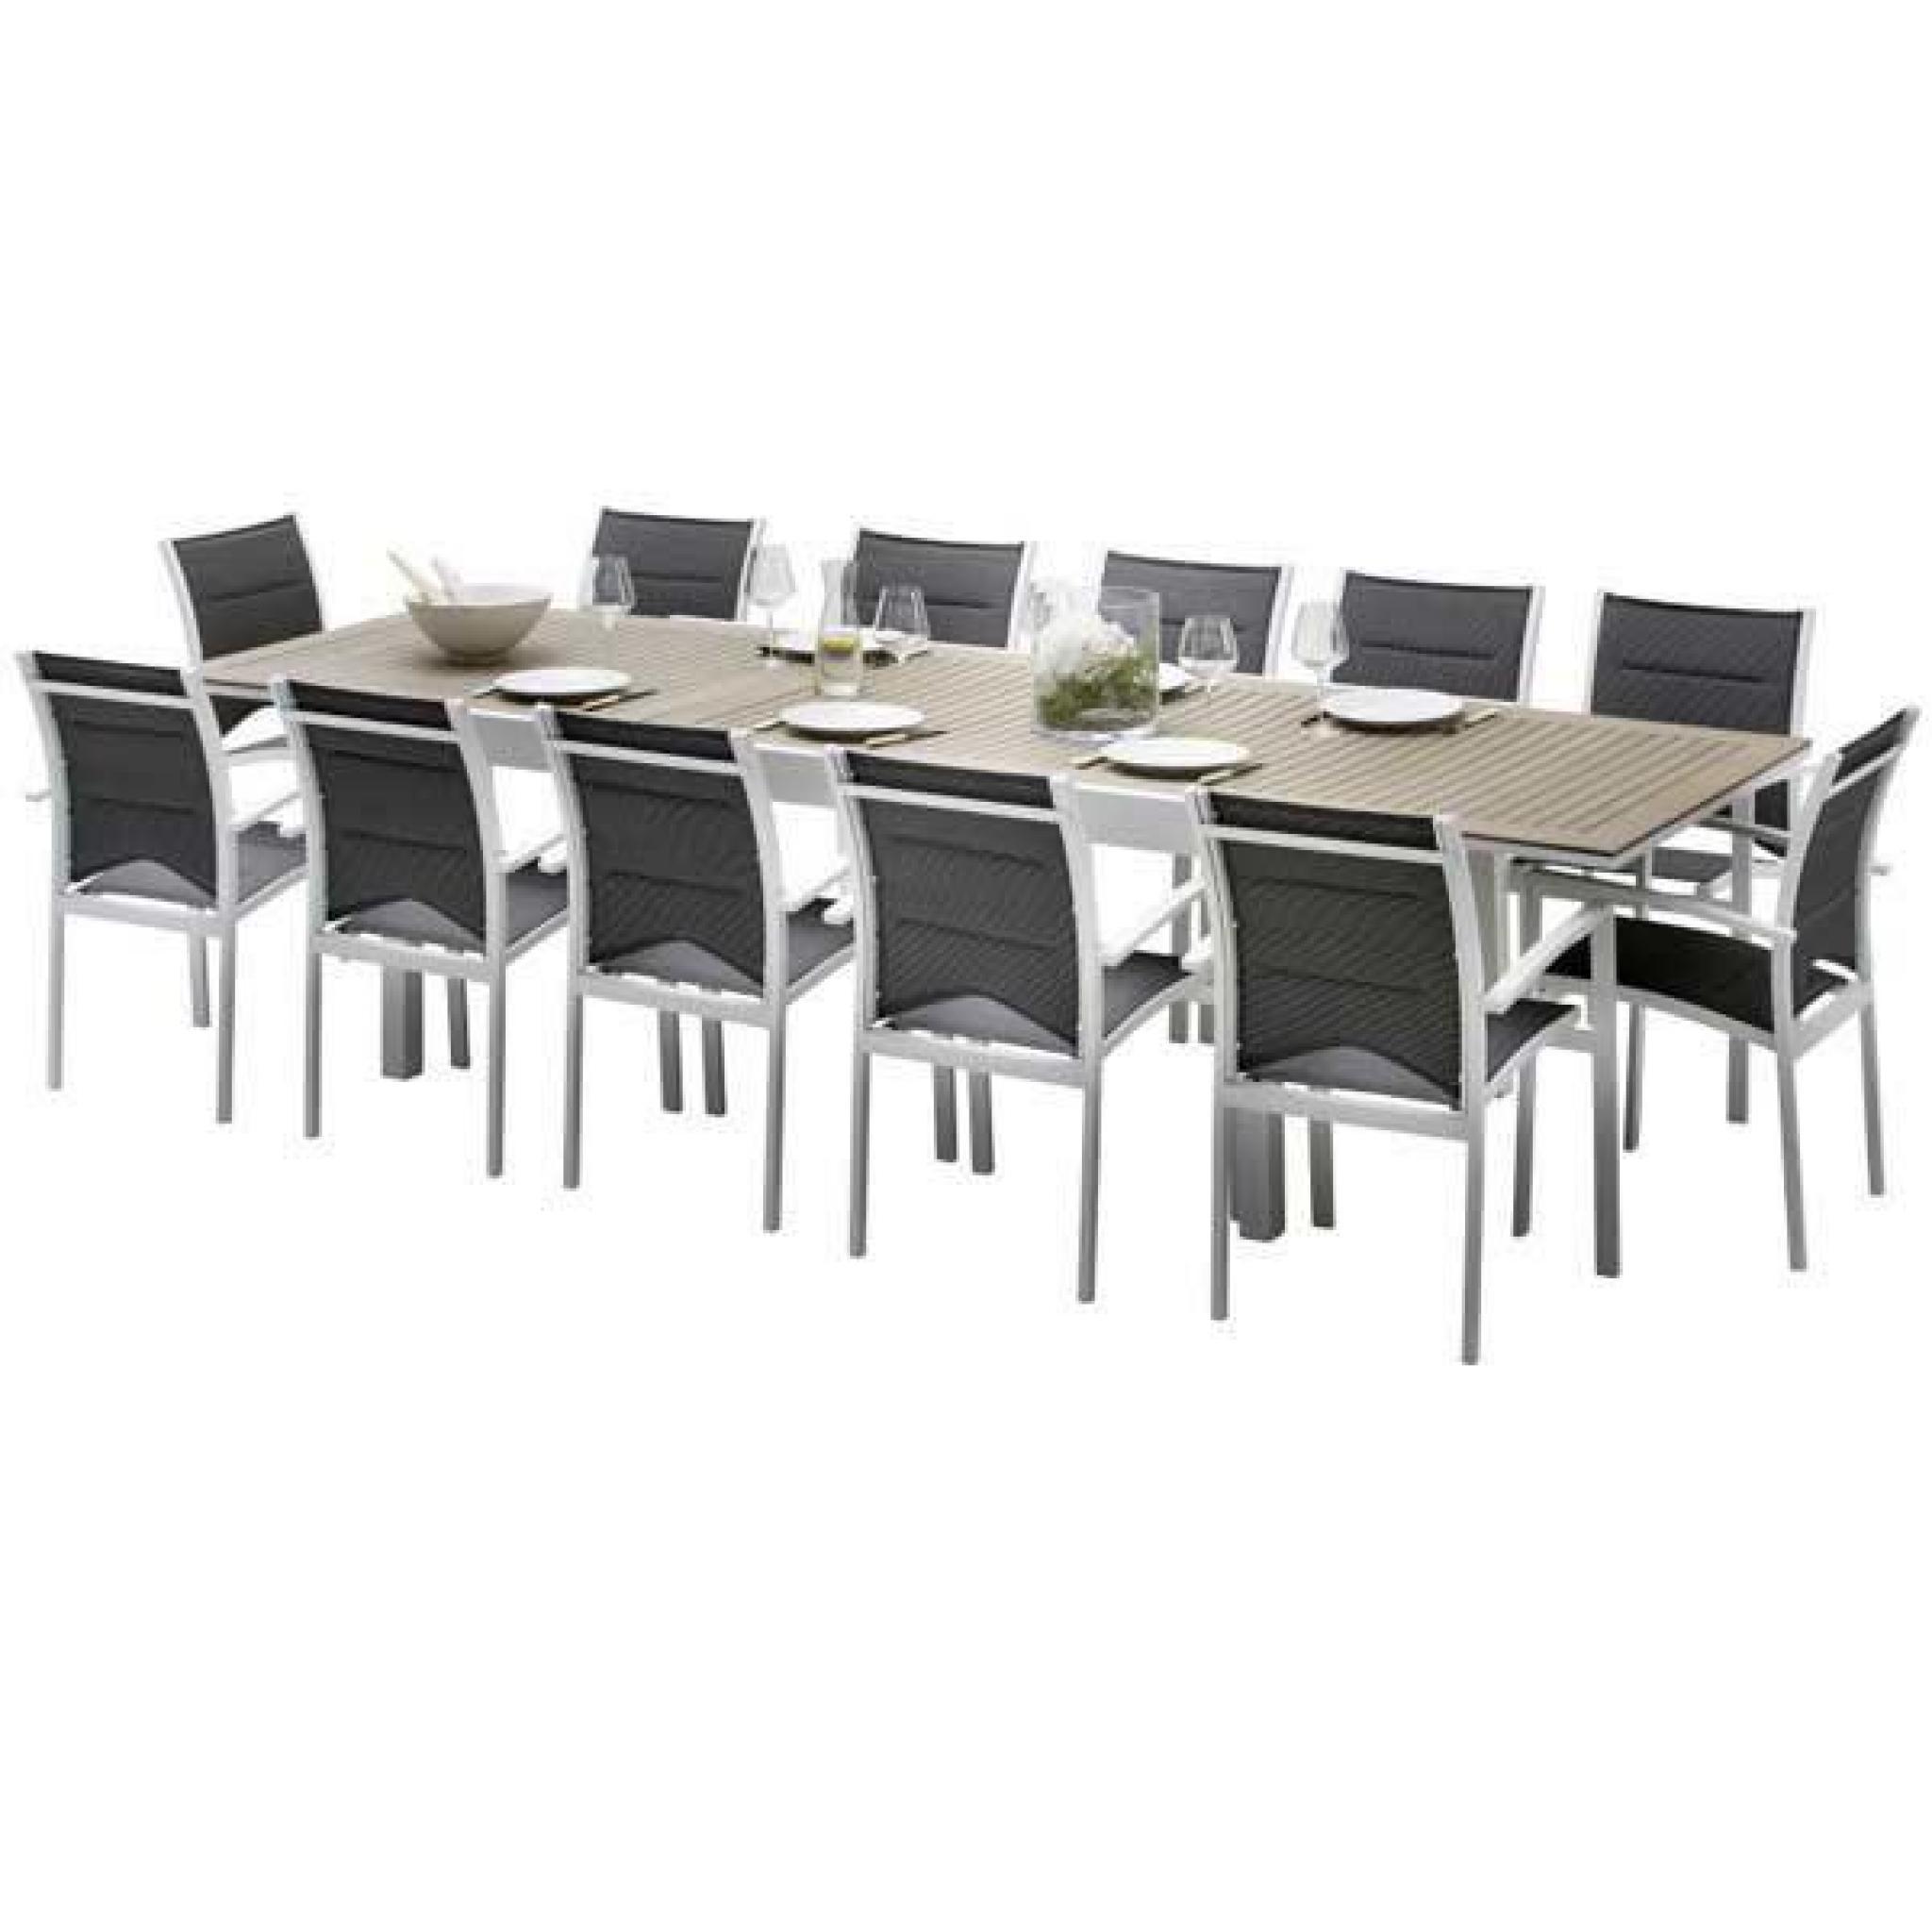 Ensemble De Table Et Chaises De Jardin Lattées Polywood Modulo 10 Places  Polywood destiné Table Et Chaises De Jardin Pas Cher